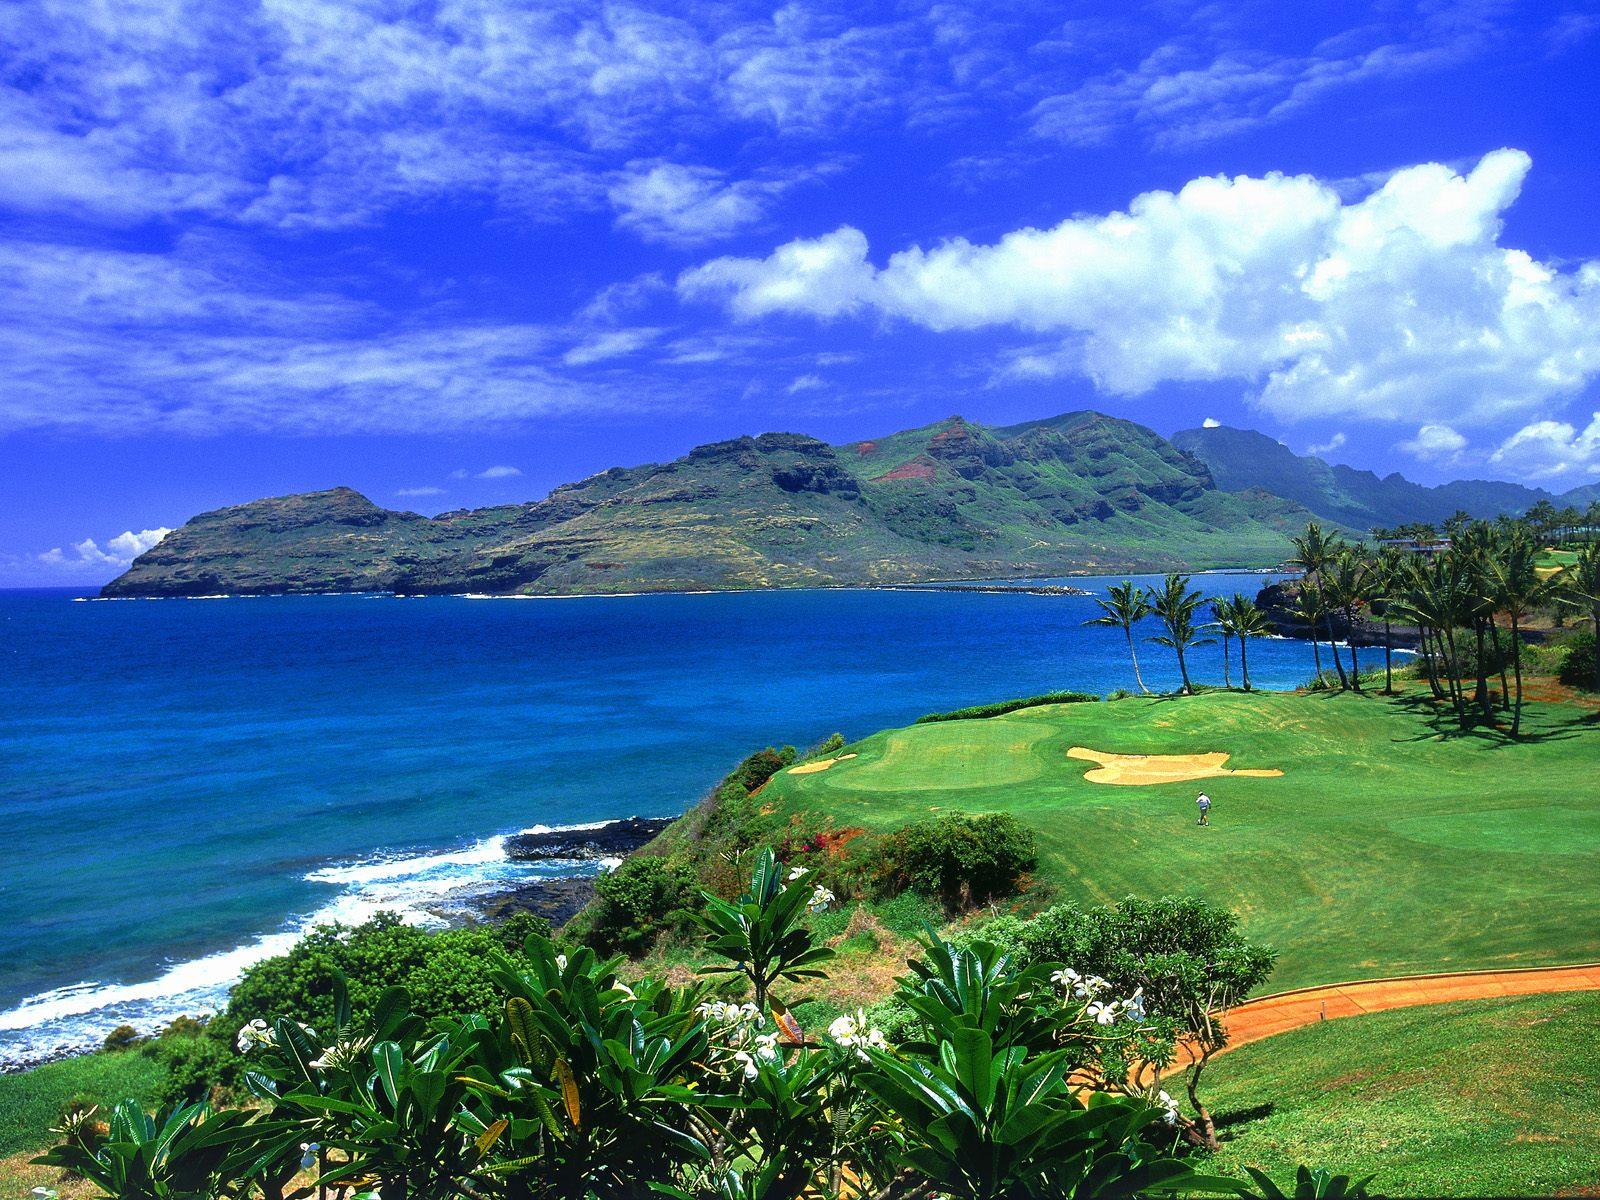 http://1.bp.blogspot.com/-5wJSZ5D90JA/TVPwWijfMrI/AAAAAAAAB4M/lGtU_miqxks/s1600/Golf+Hawaii.jpg